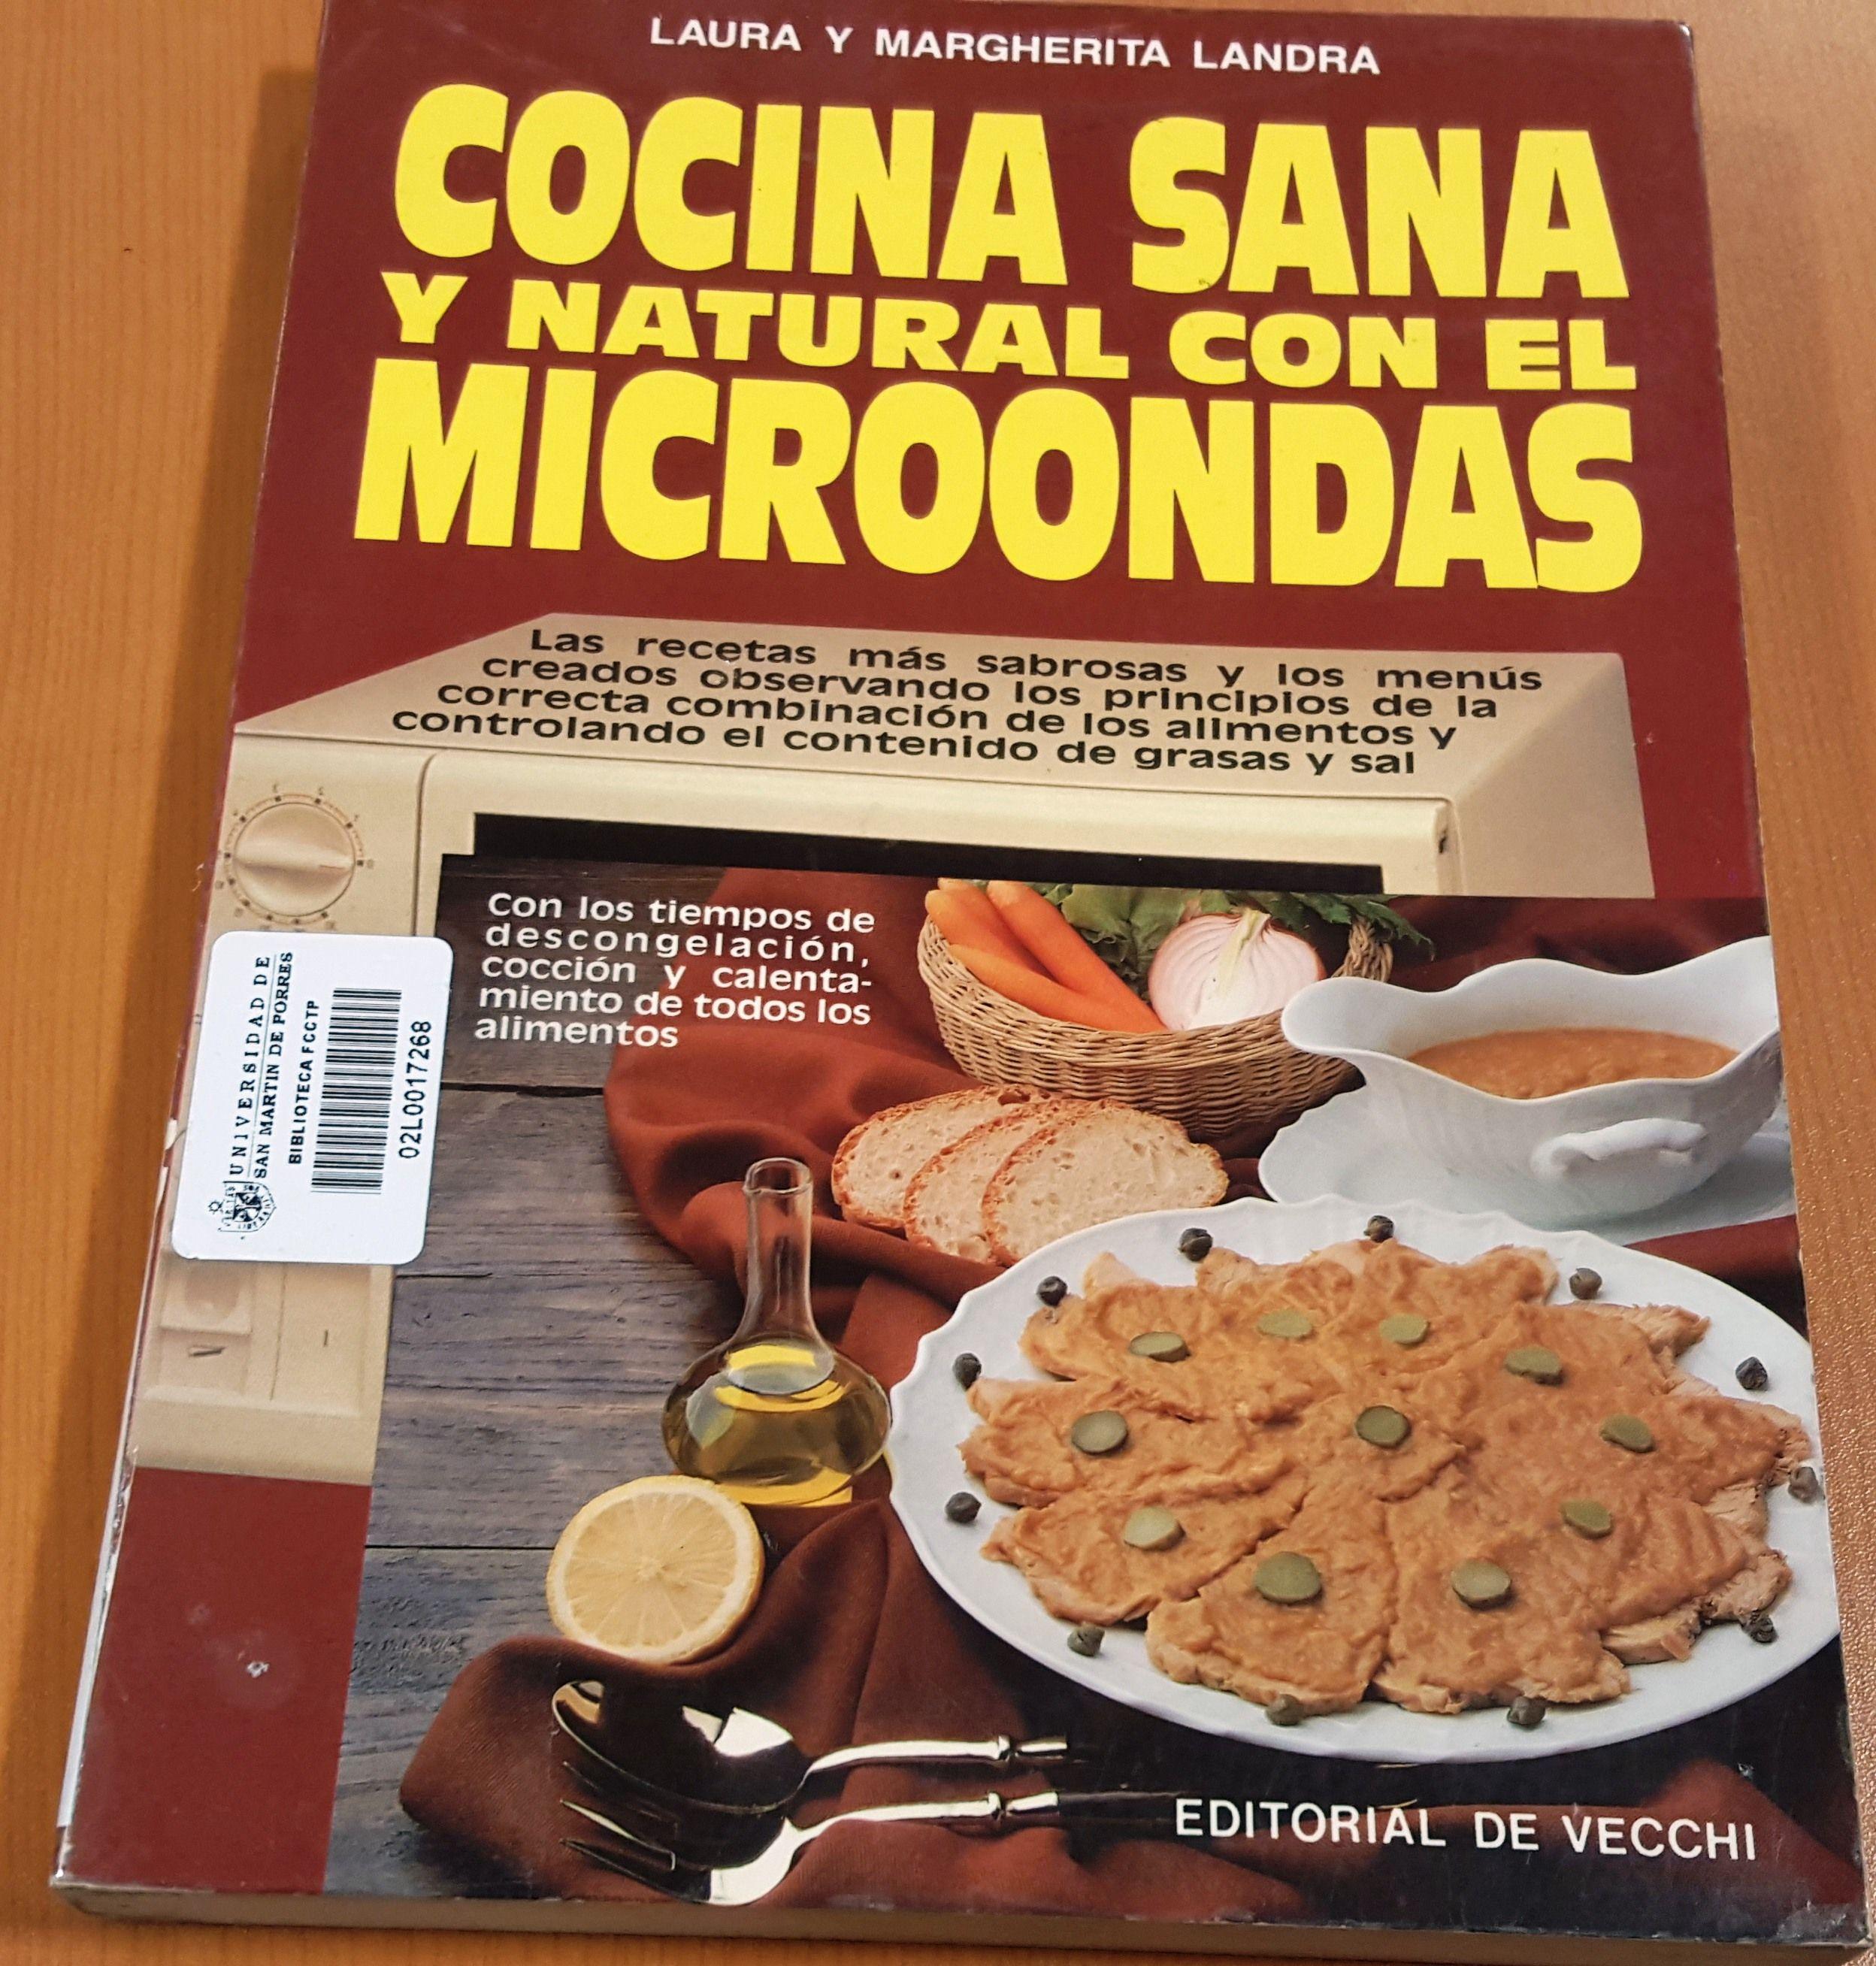 Cocina Sana Y Natural   Titulo Cocina Sana Y Natural Con El Microondas Autor Landra